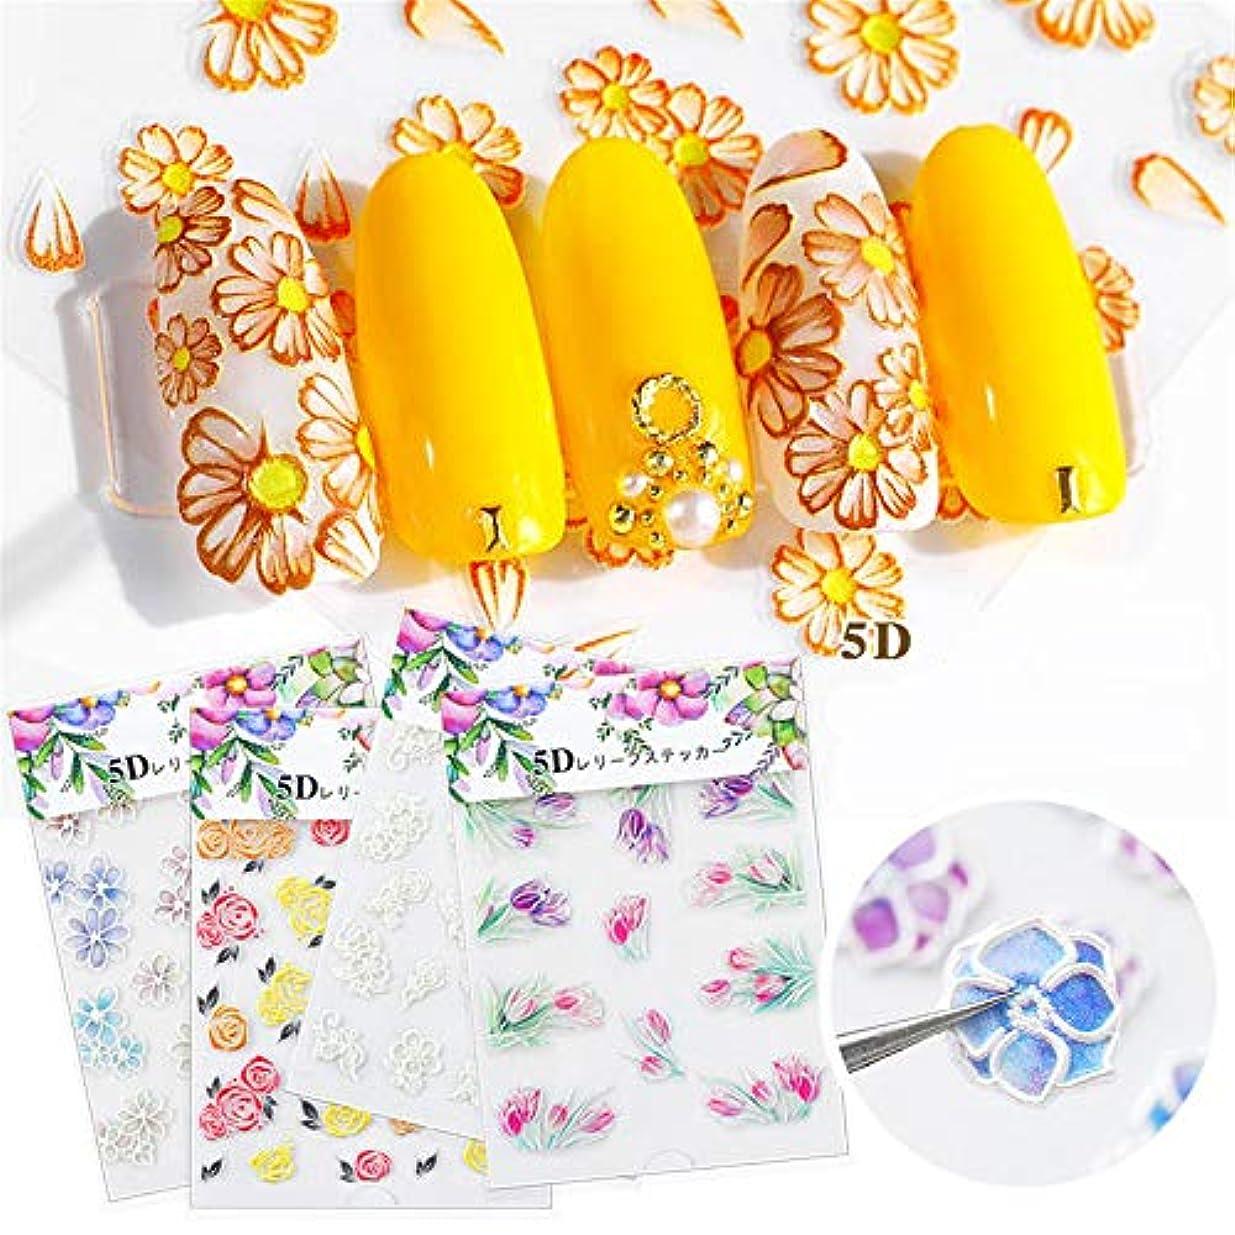 微生物黄ばむパンダ1枚 エンボスの花ネイルシール 3D効果ネイルステッカー 貼るだけでいいネイルパーツ ネイルアート (8)